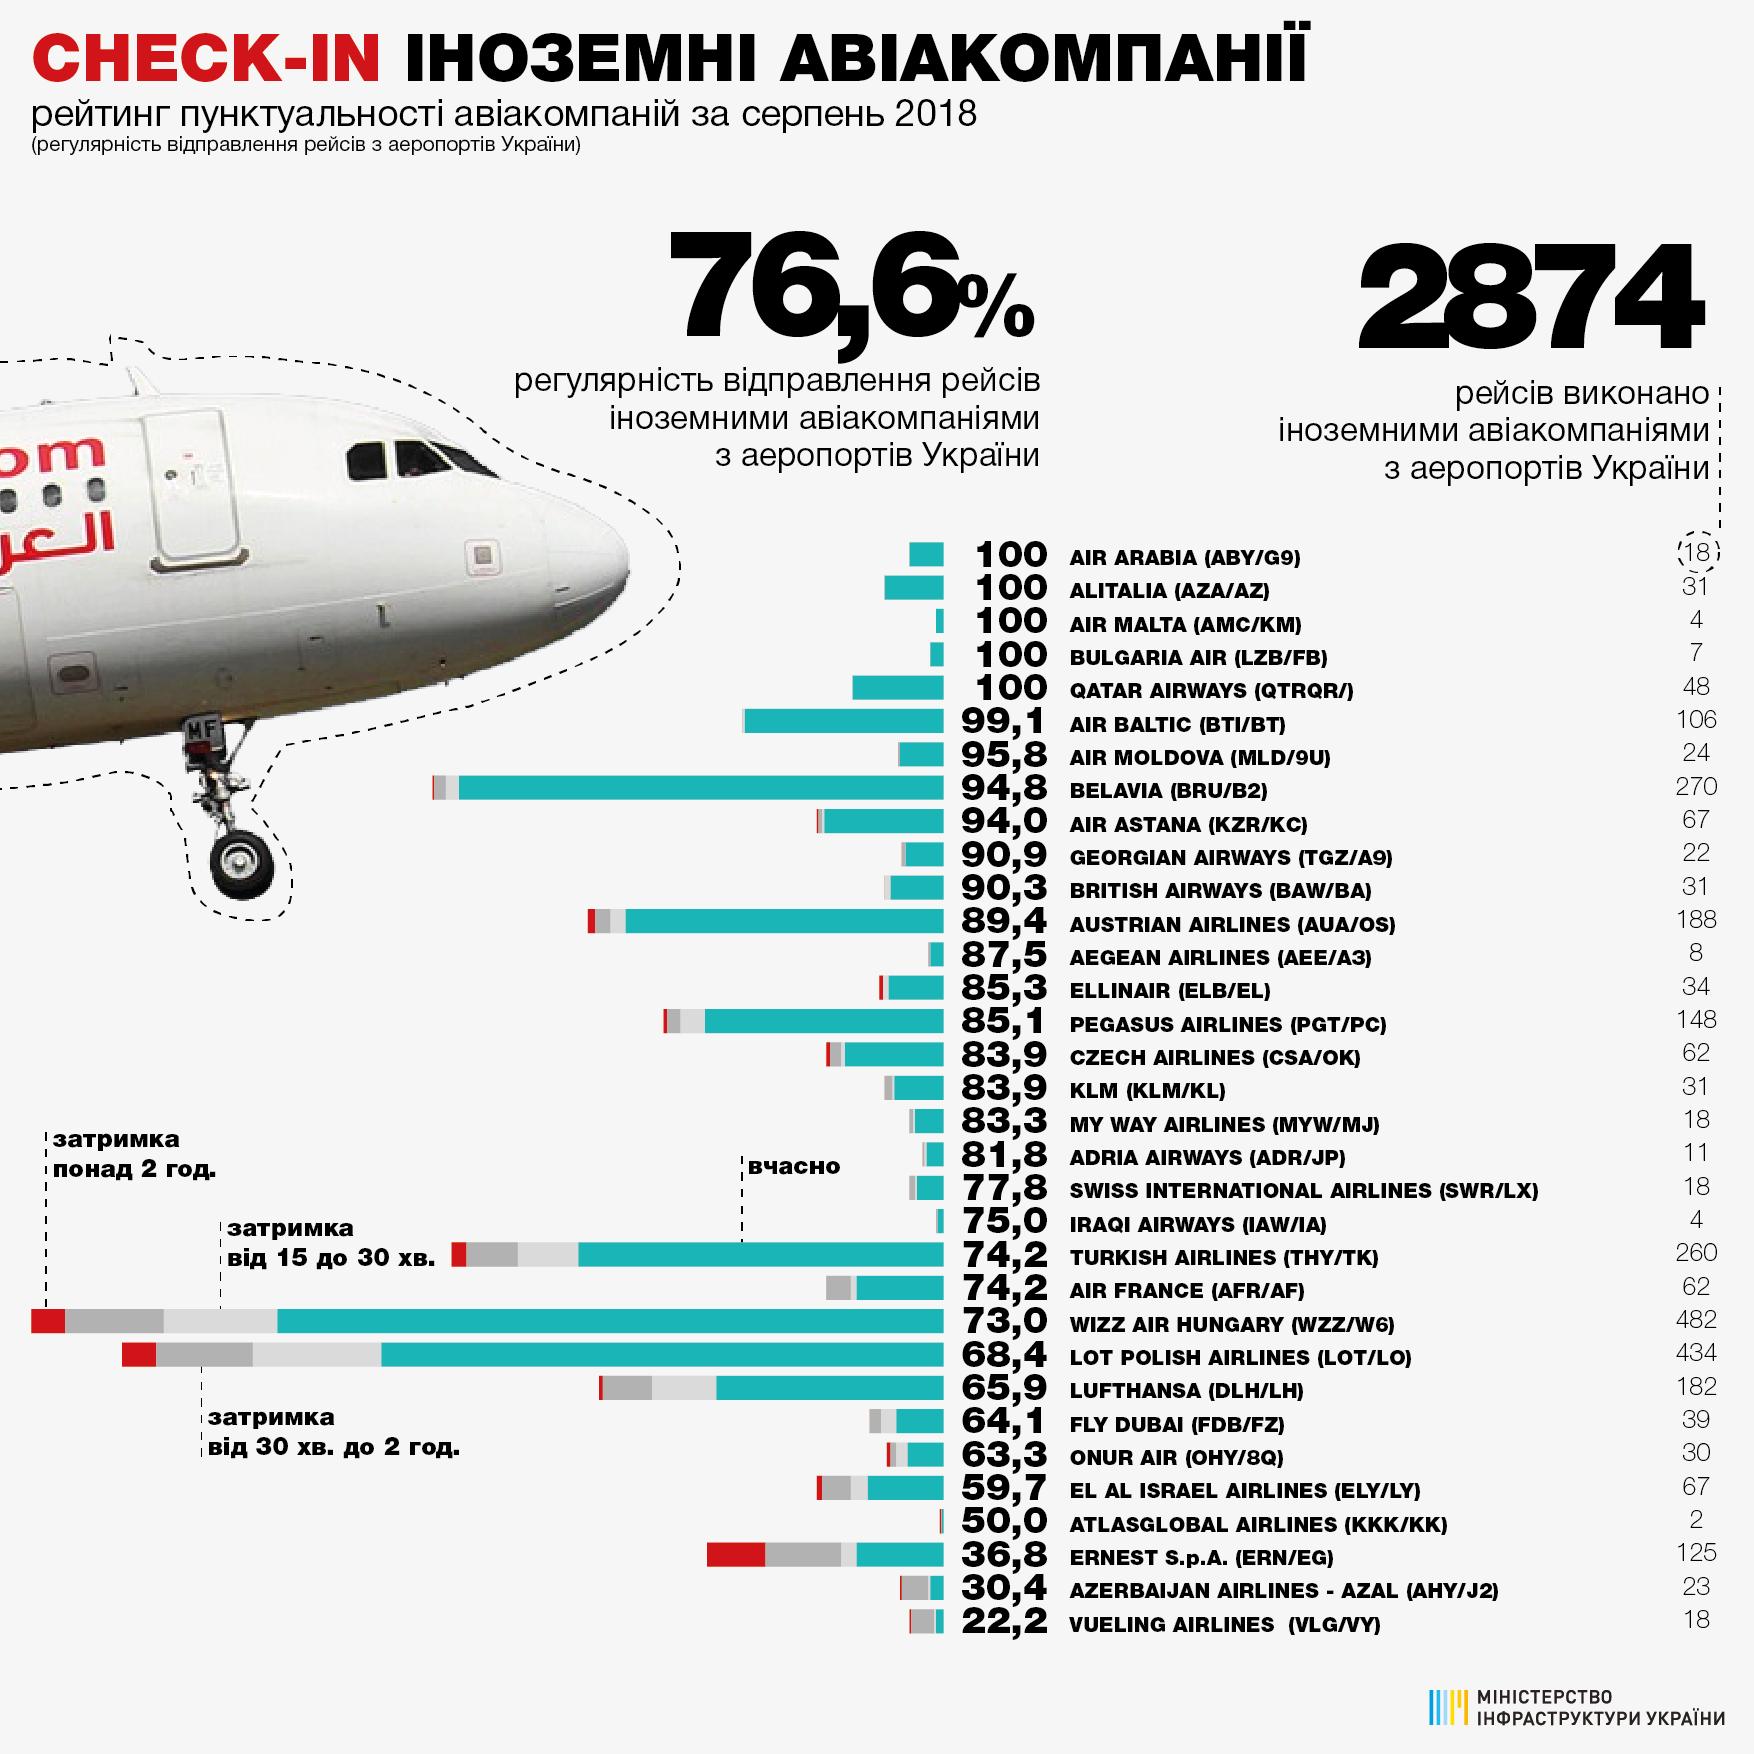 Пять авиакомпаний выполнили в августе рейсы из Украины с пунктуальностью 100%